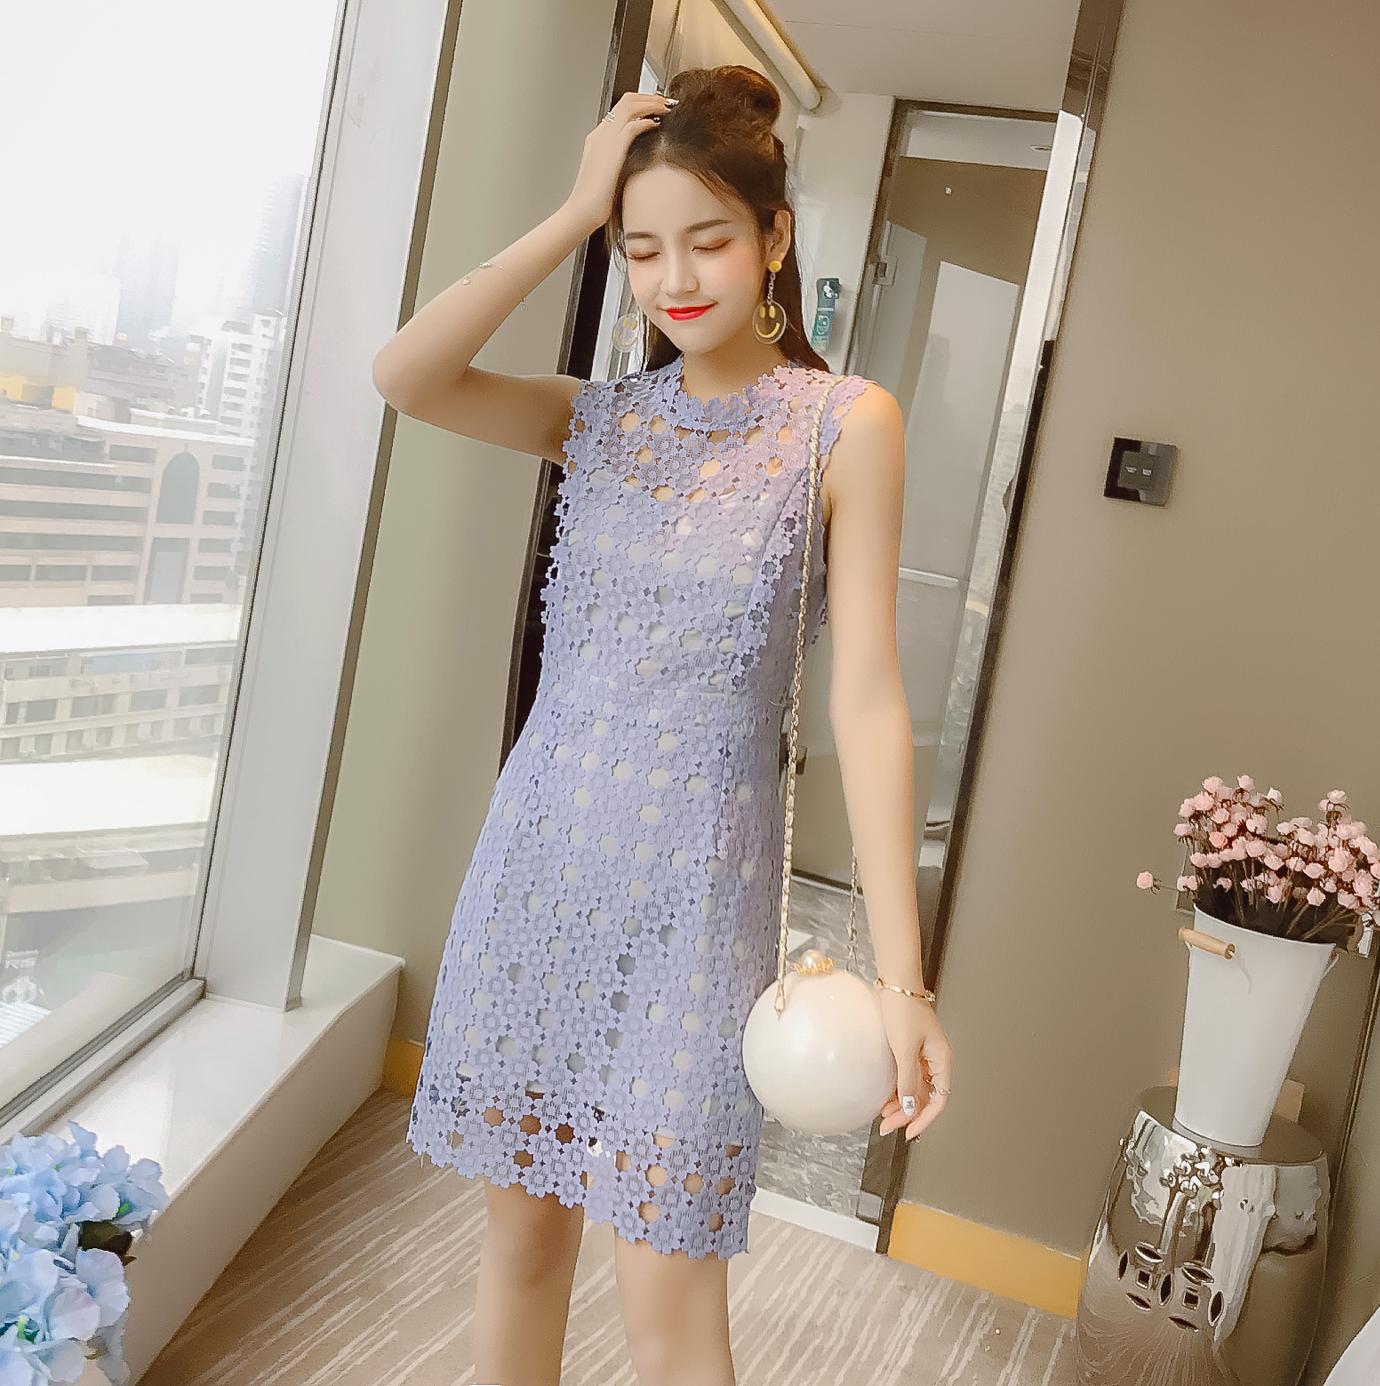 JY21873#เสื้อแฟชั่นสไตล์เกาหลีแบบเรียบหรู